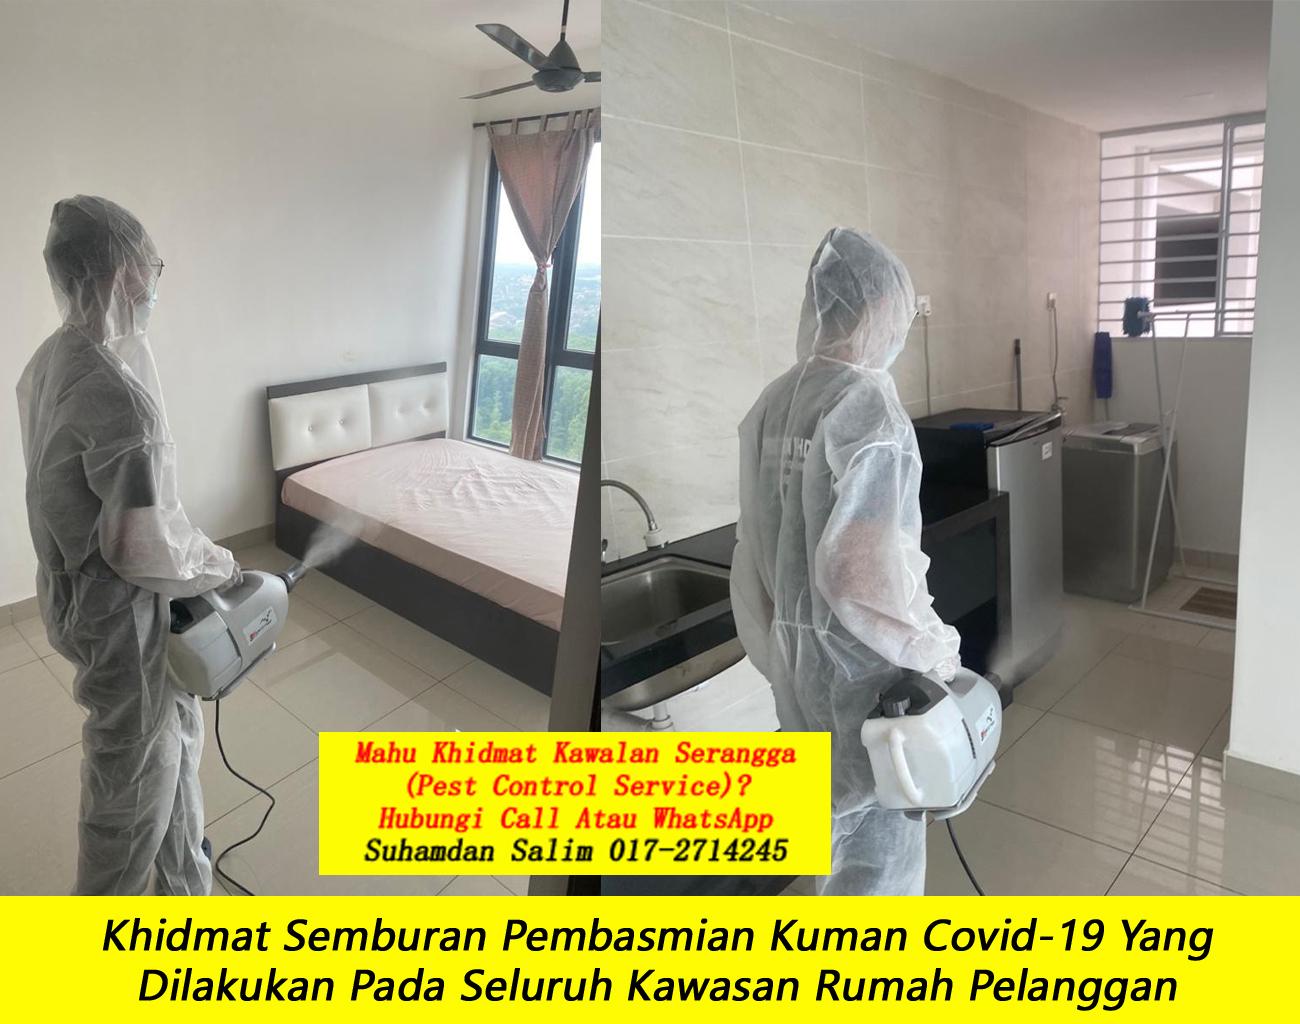 khidmat sanitizing membasmi kuman Covid-19 Disinfection Service semburan sanitize covid 19 paling berkesan dengan harga berpatutan the best service covid-19 Kampung Pandan kl